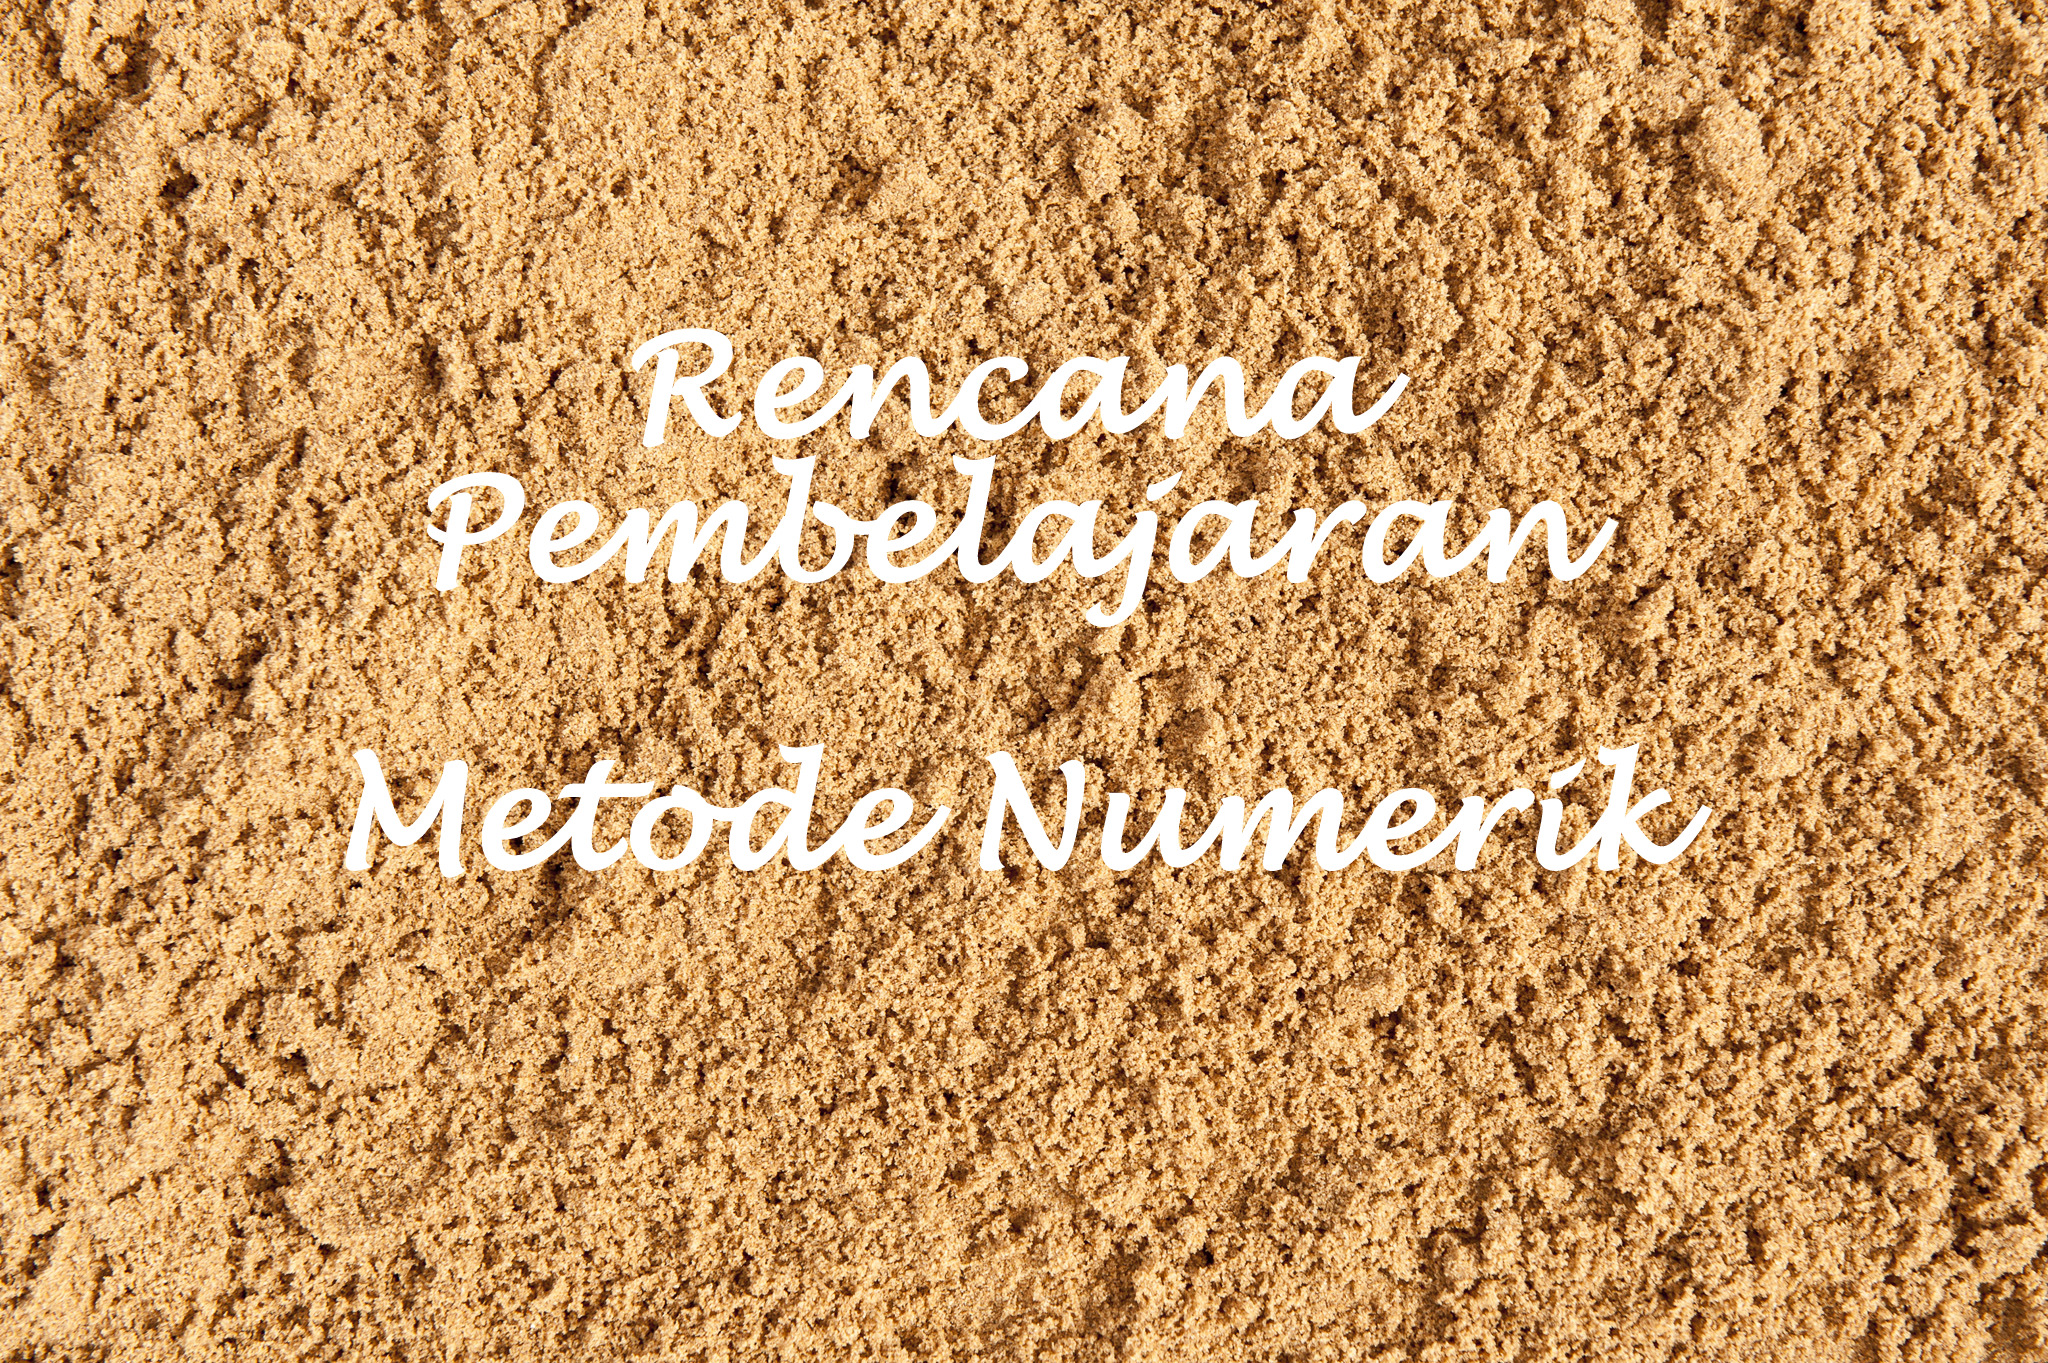 Rencana Pembelajaran Metode Numerik